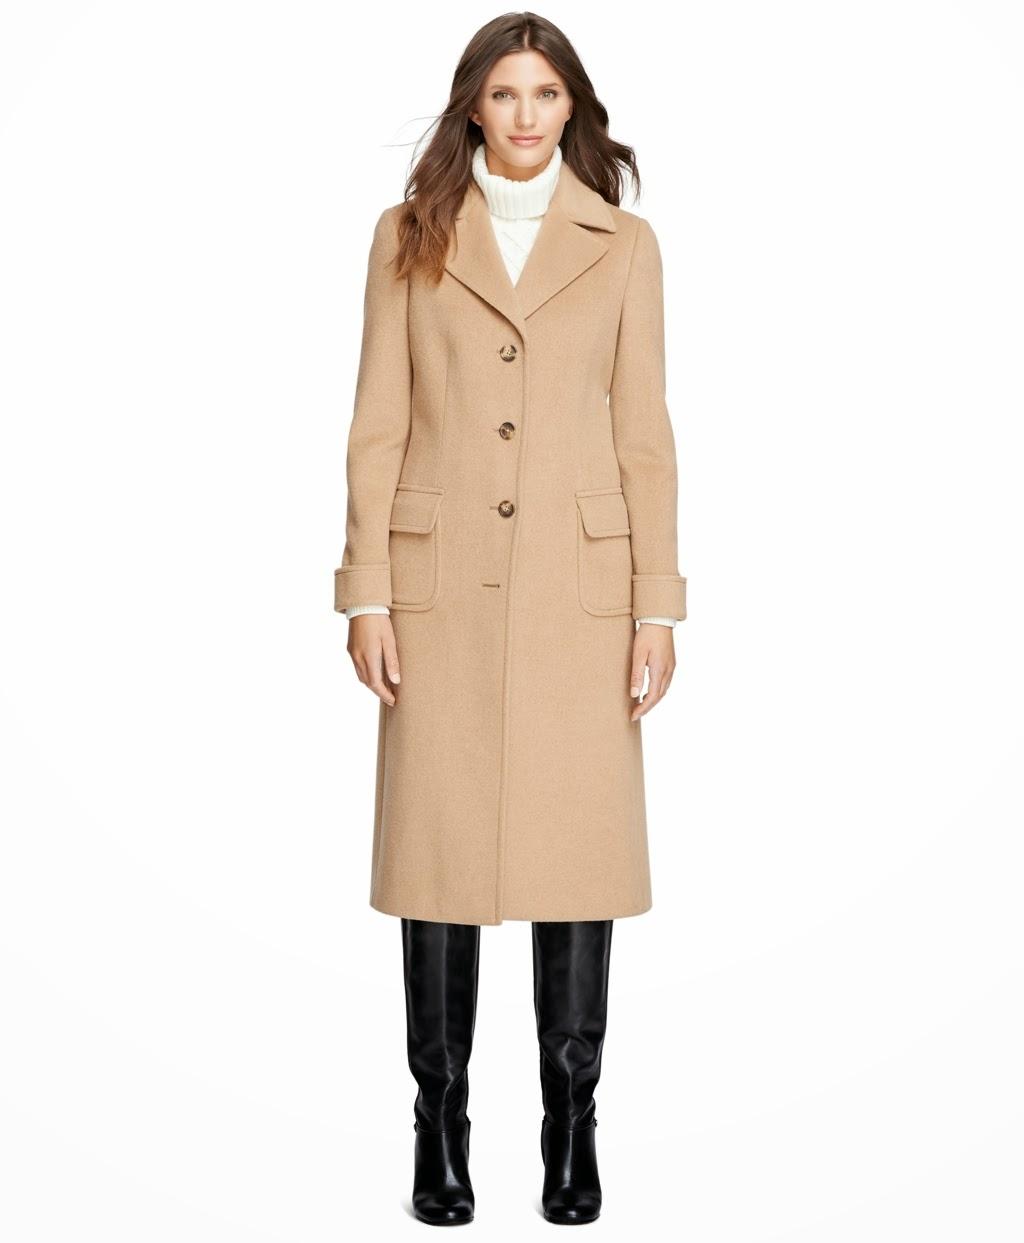 Womens polo coats